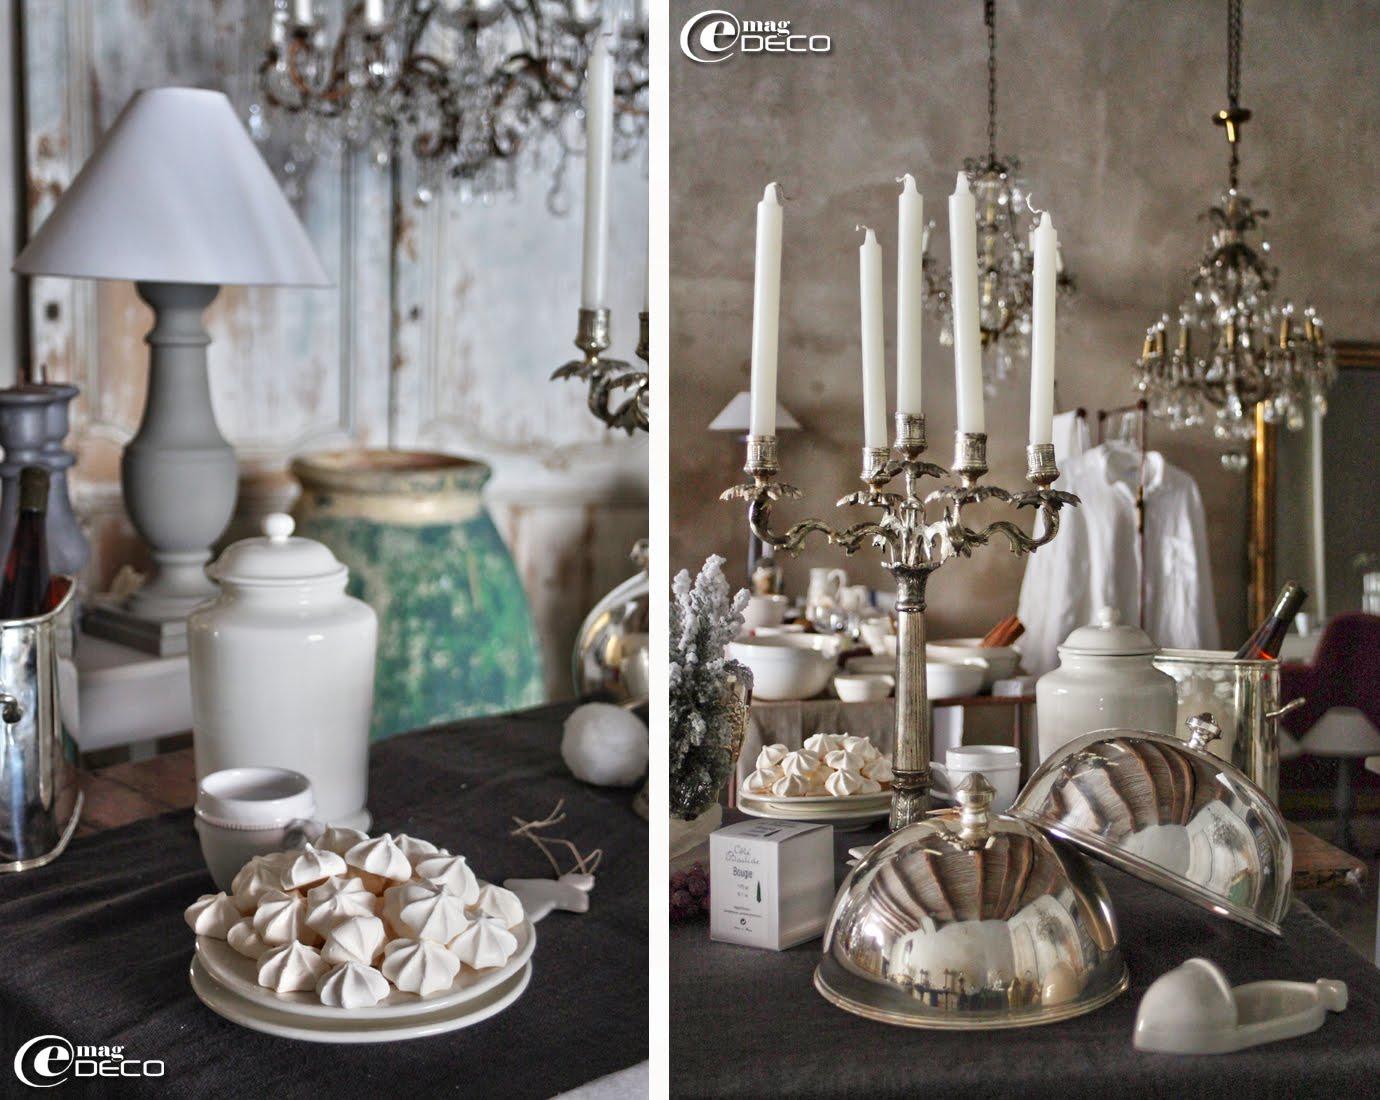 Cloches rondes et chandelier cinq branches en métal argenté, Côté Bastide